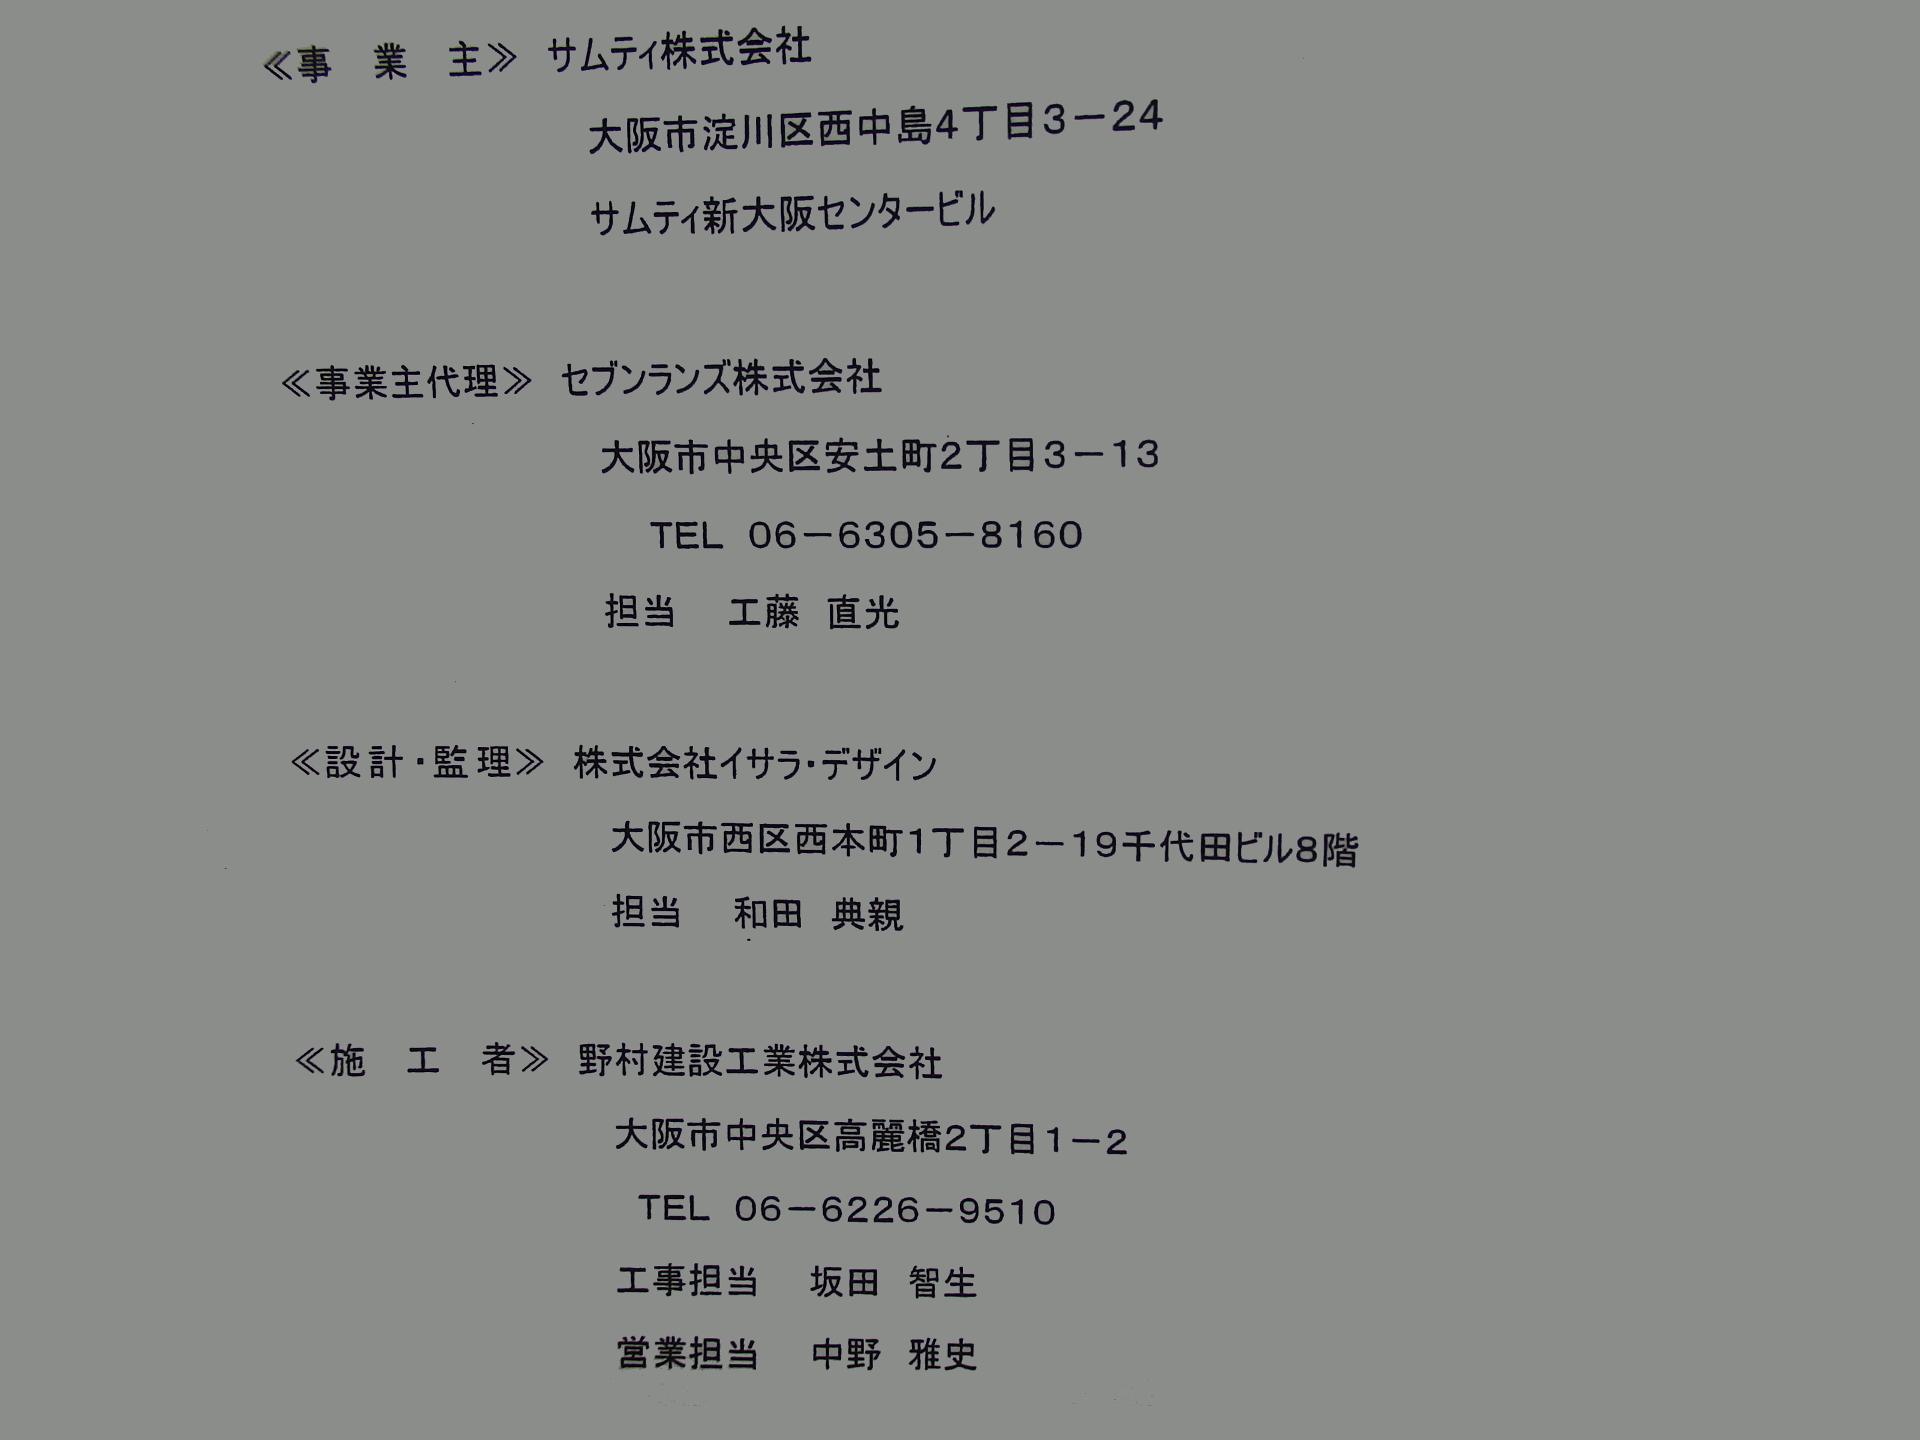 サムティ単身者マンション関係者のリスト。